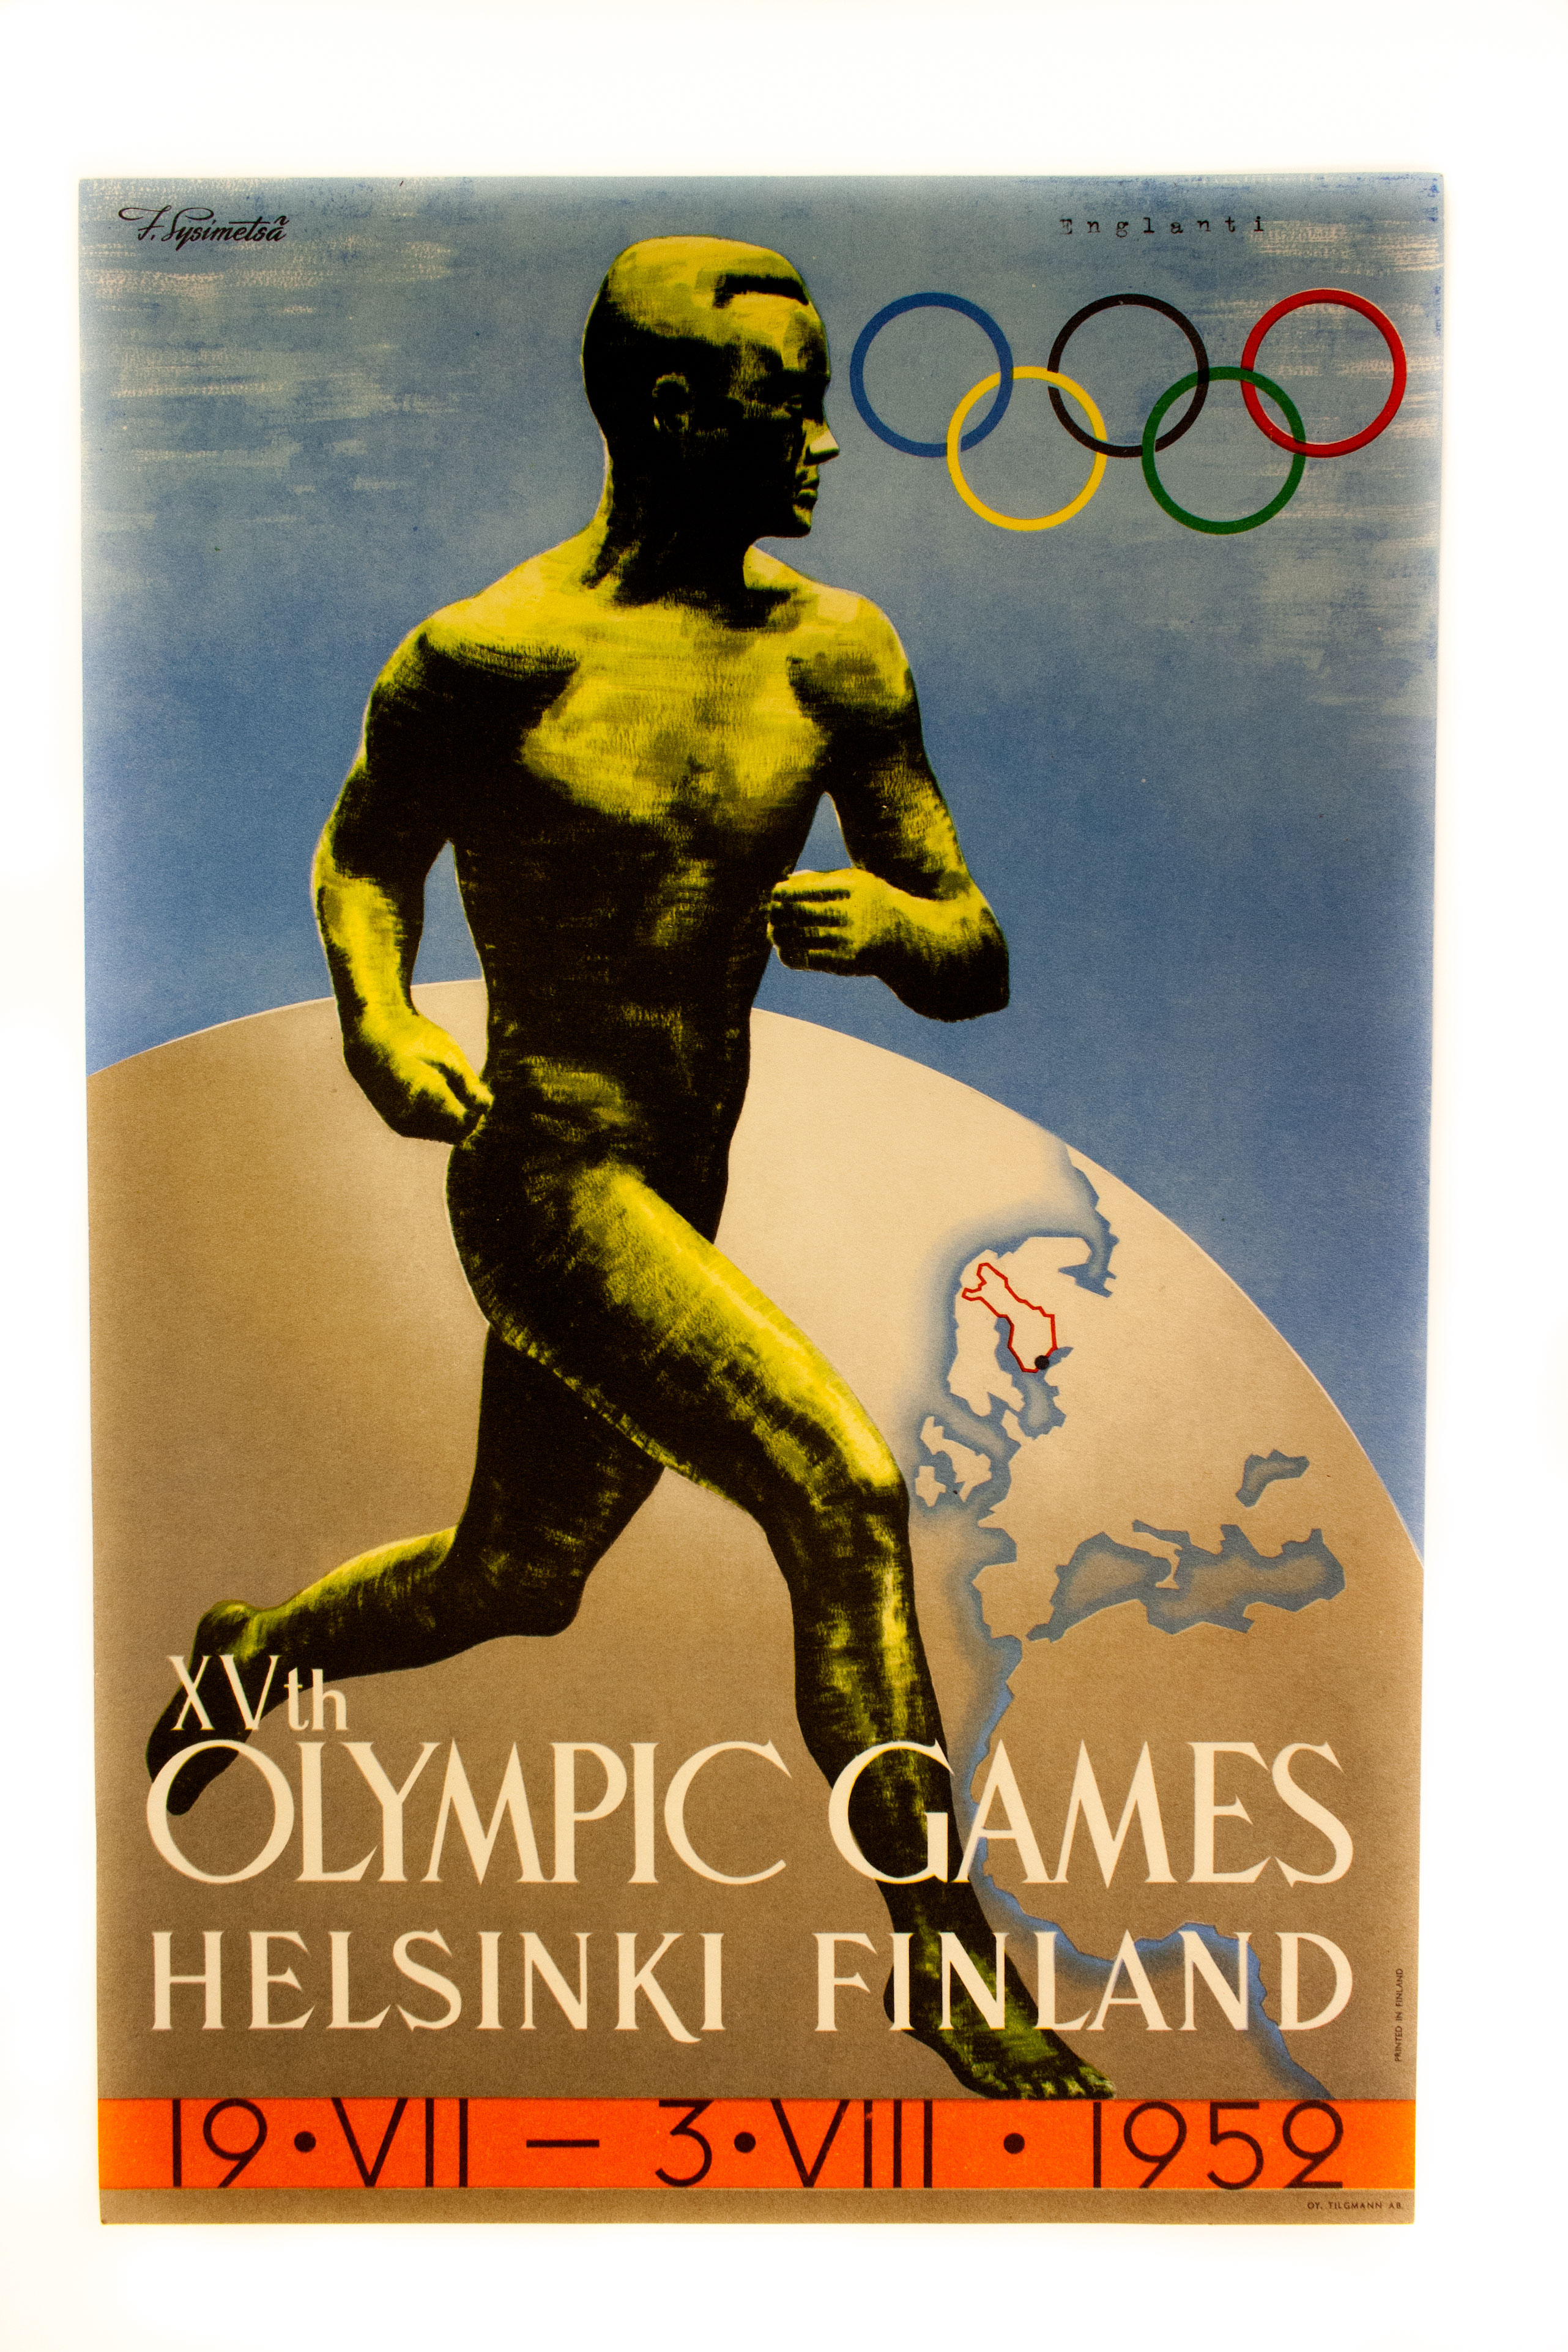 Vuoden 1952 Helsingin olympialaisten juliste